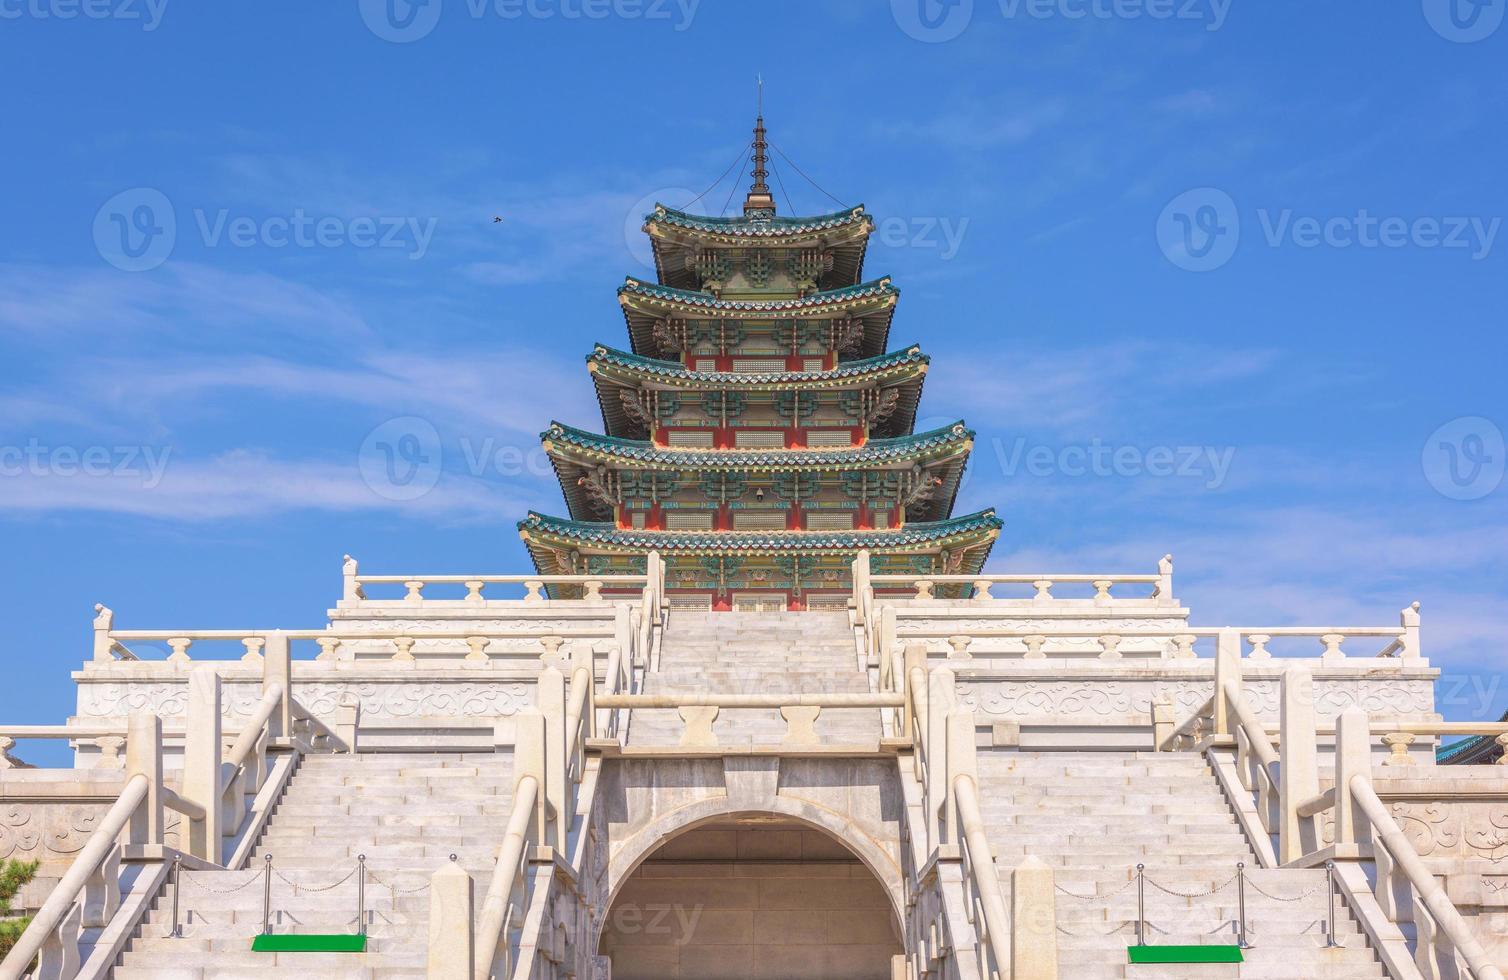 Palacio Gyeongbokgung en Seúl, Corea del Sur foto